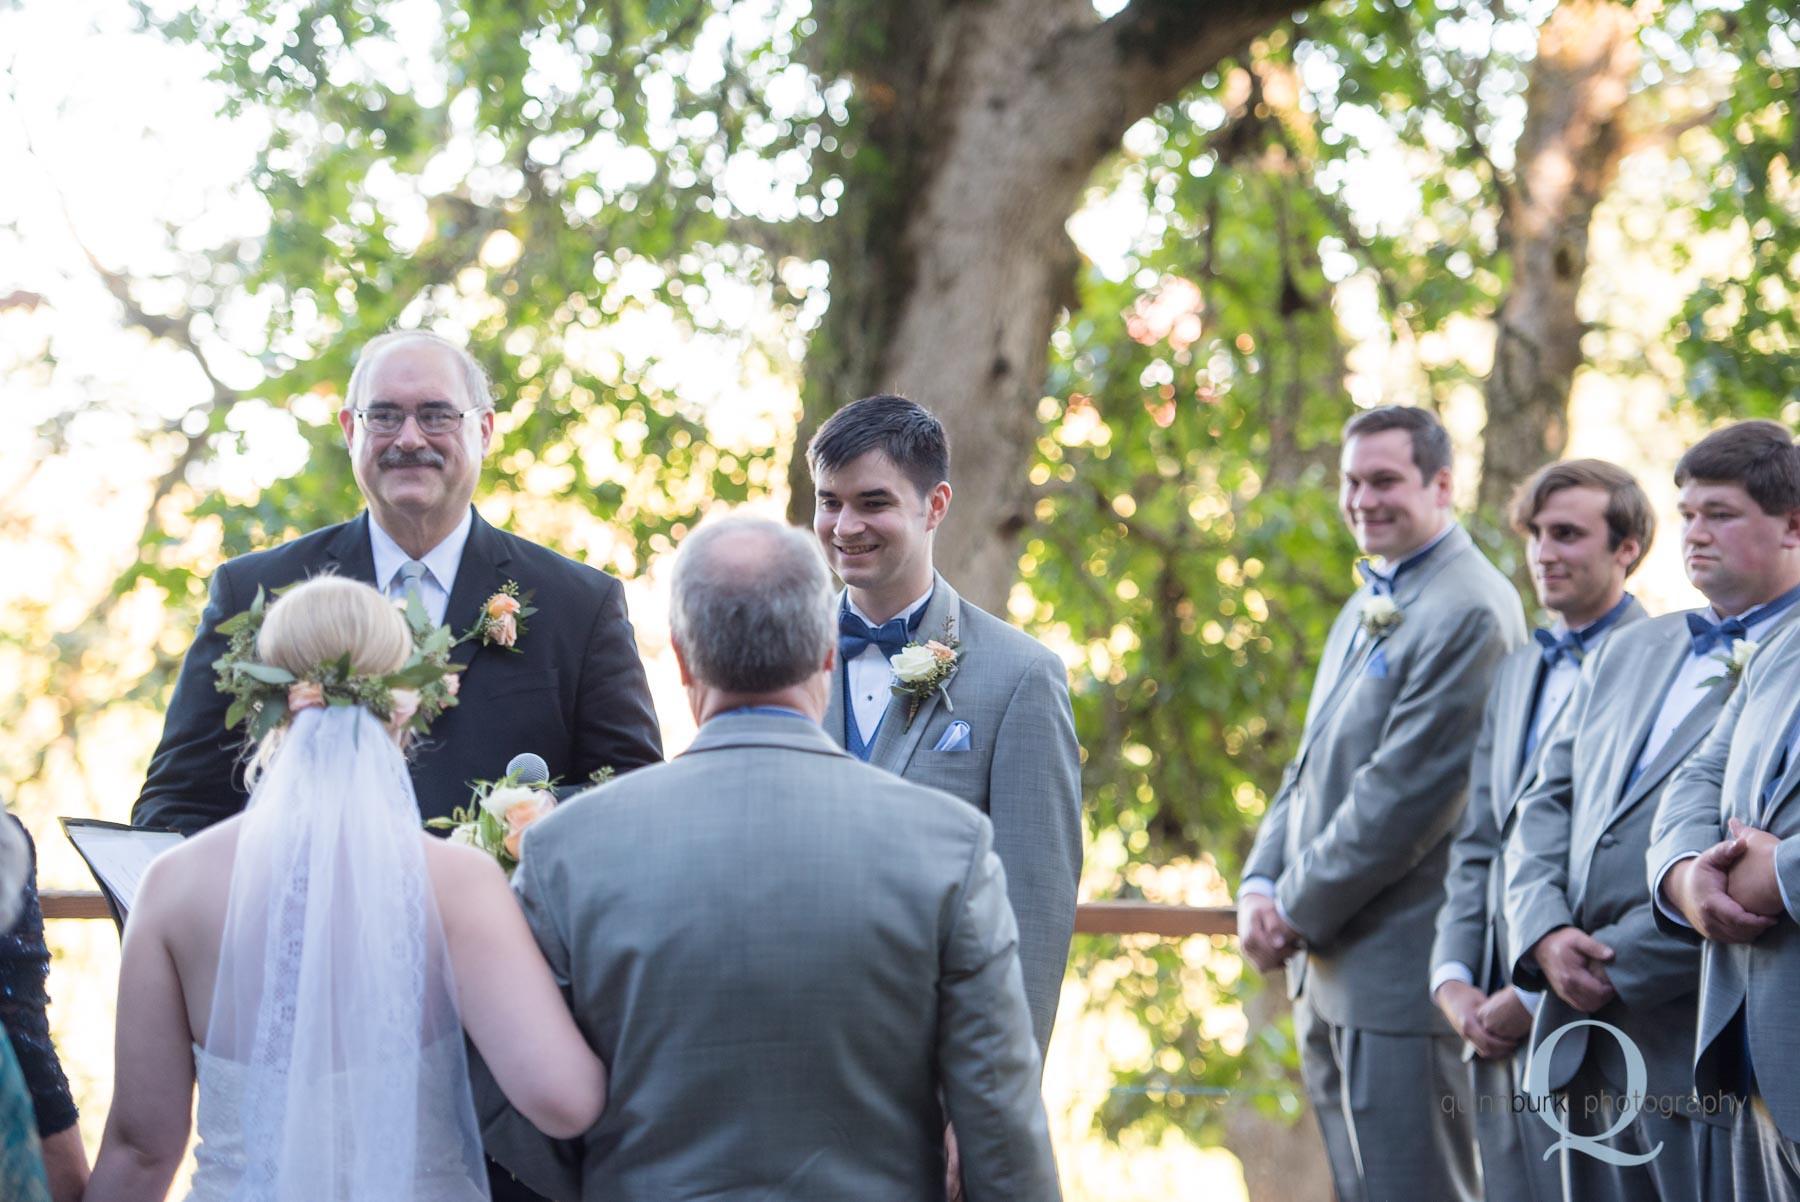 Perryhill Farm wedding ceremony